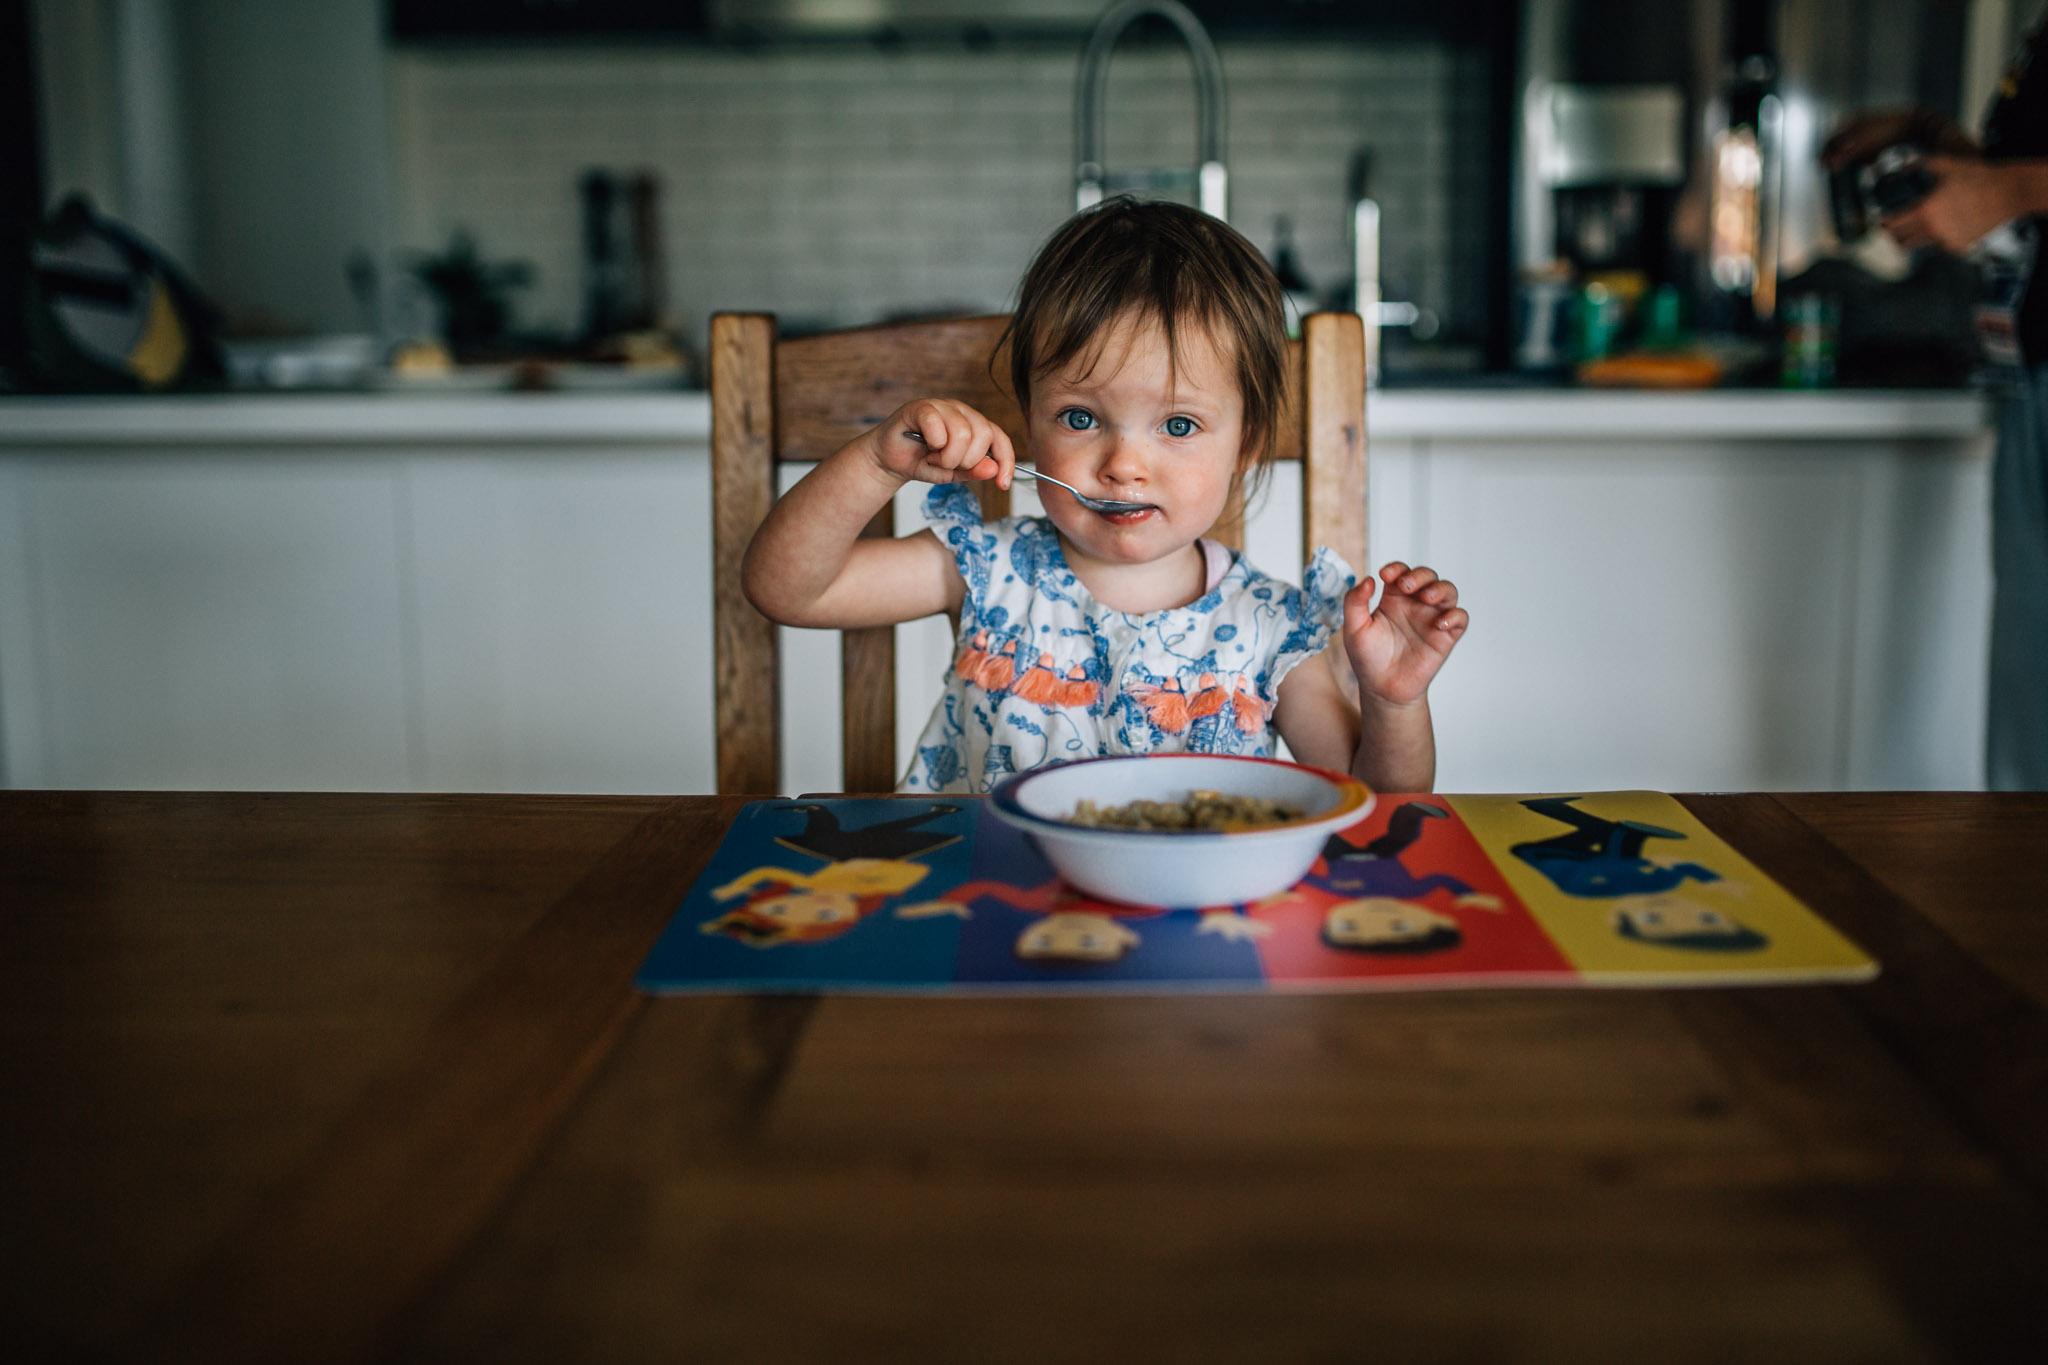 little-girl-eating-her-dinner-at-dining-table (1 of 1).jpg